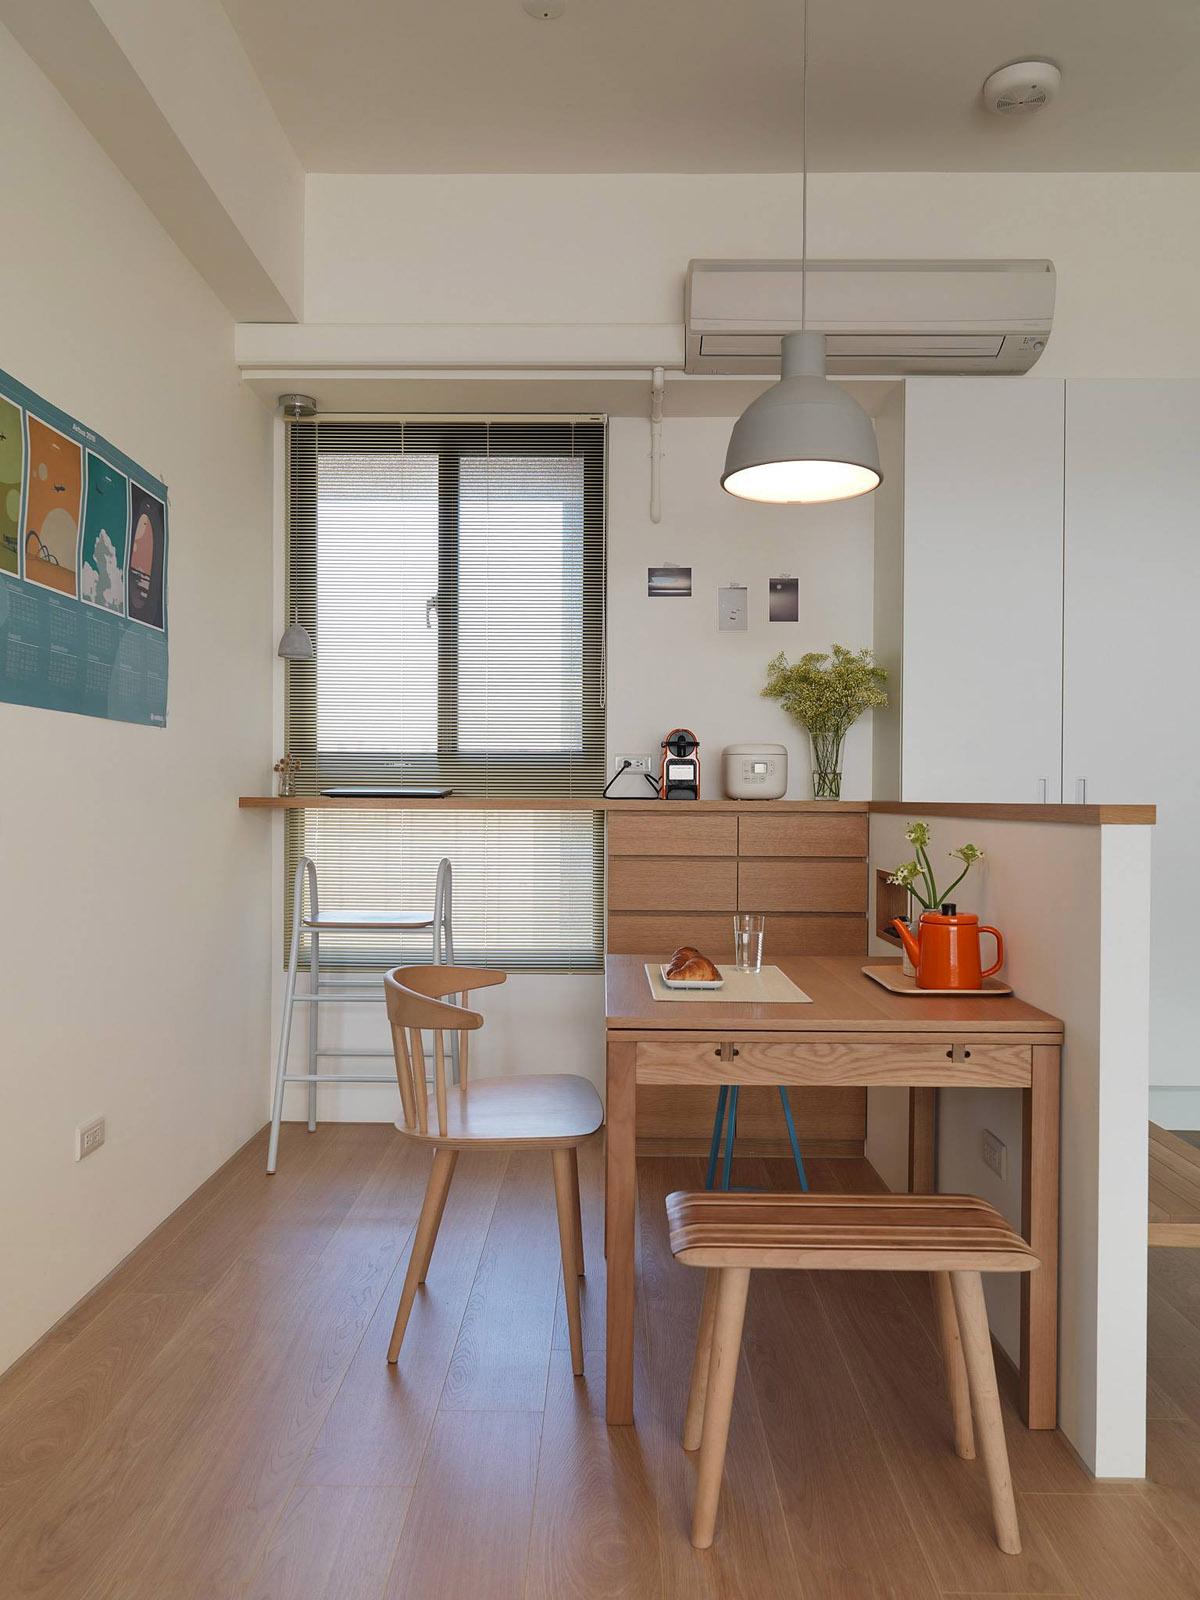 Mẫu thiết kế nội thất chung cư 100m2 2 phòng ngủ phong cách Nhật Bản. Ảnh 6